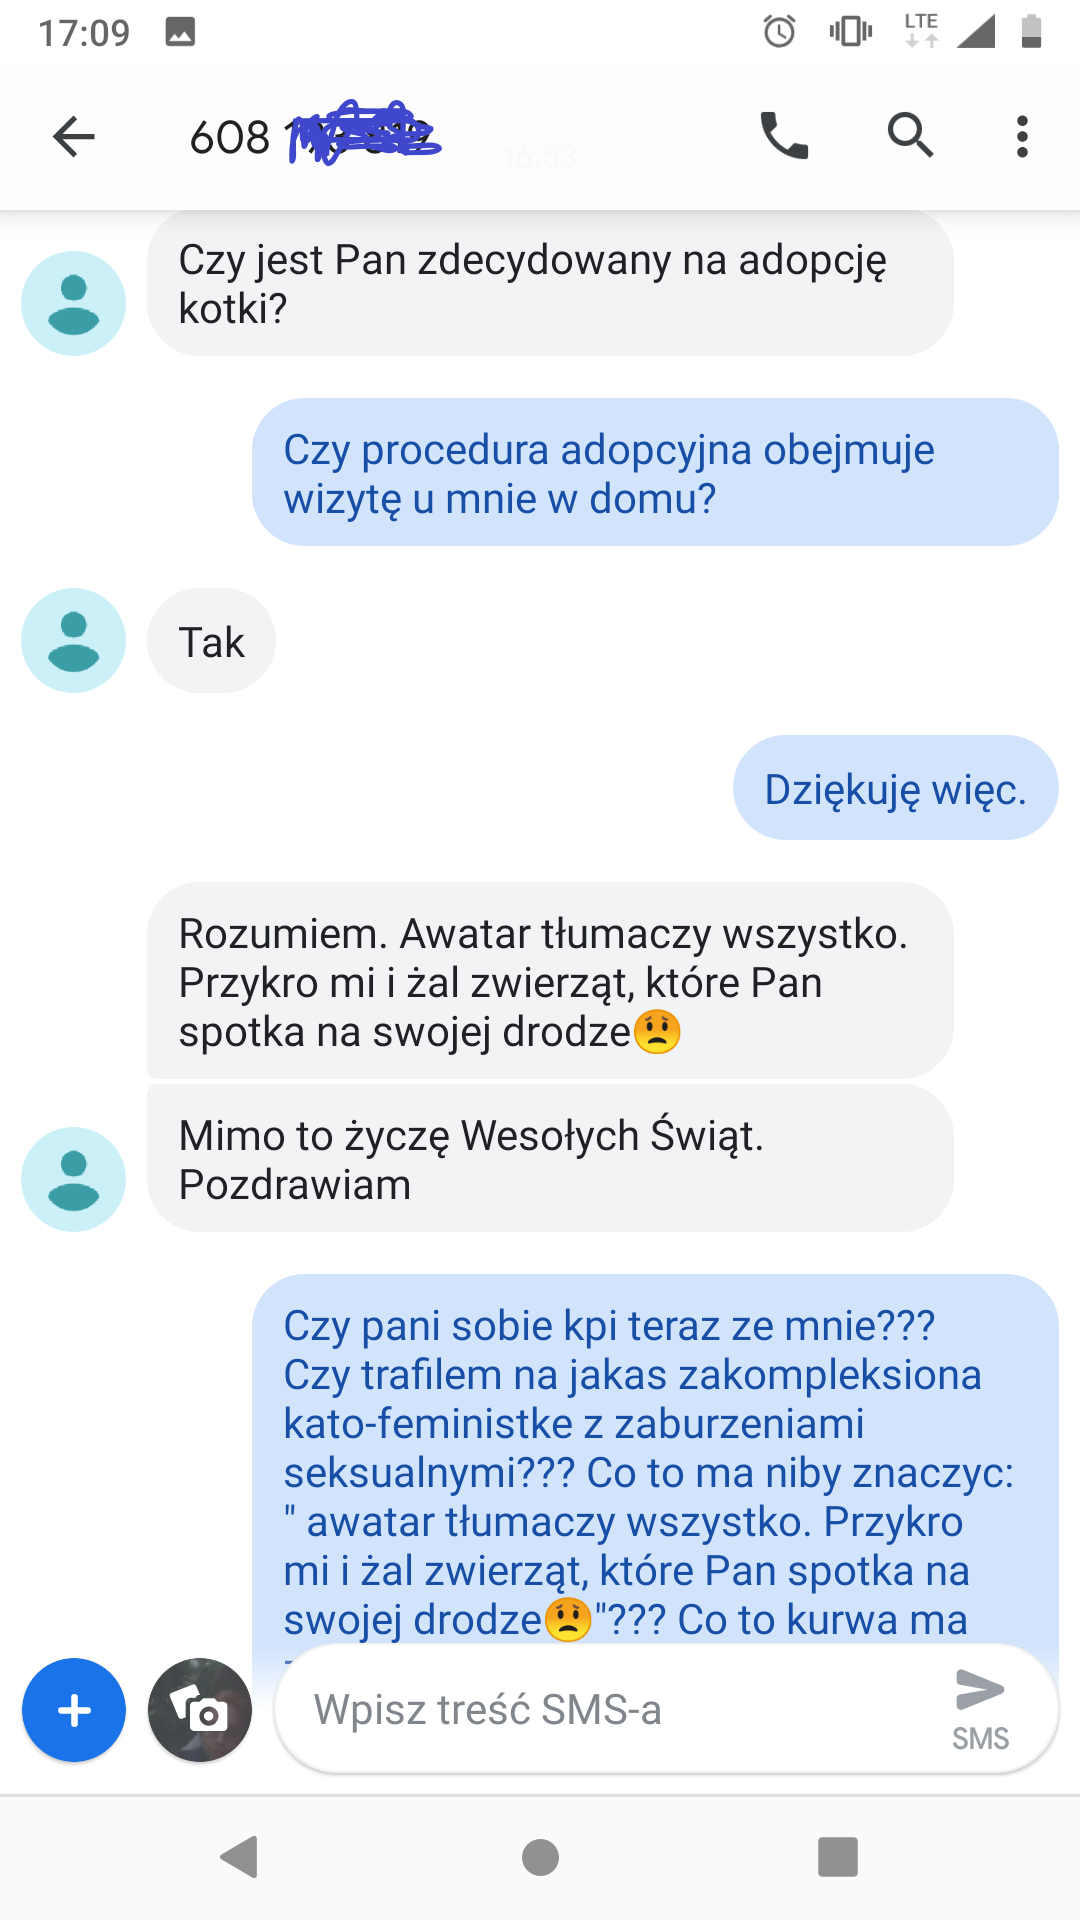 screenshot_20181221-1g6i9f.png